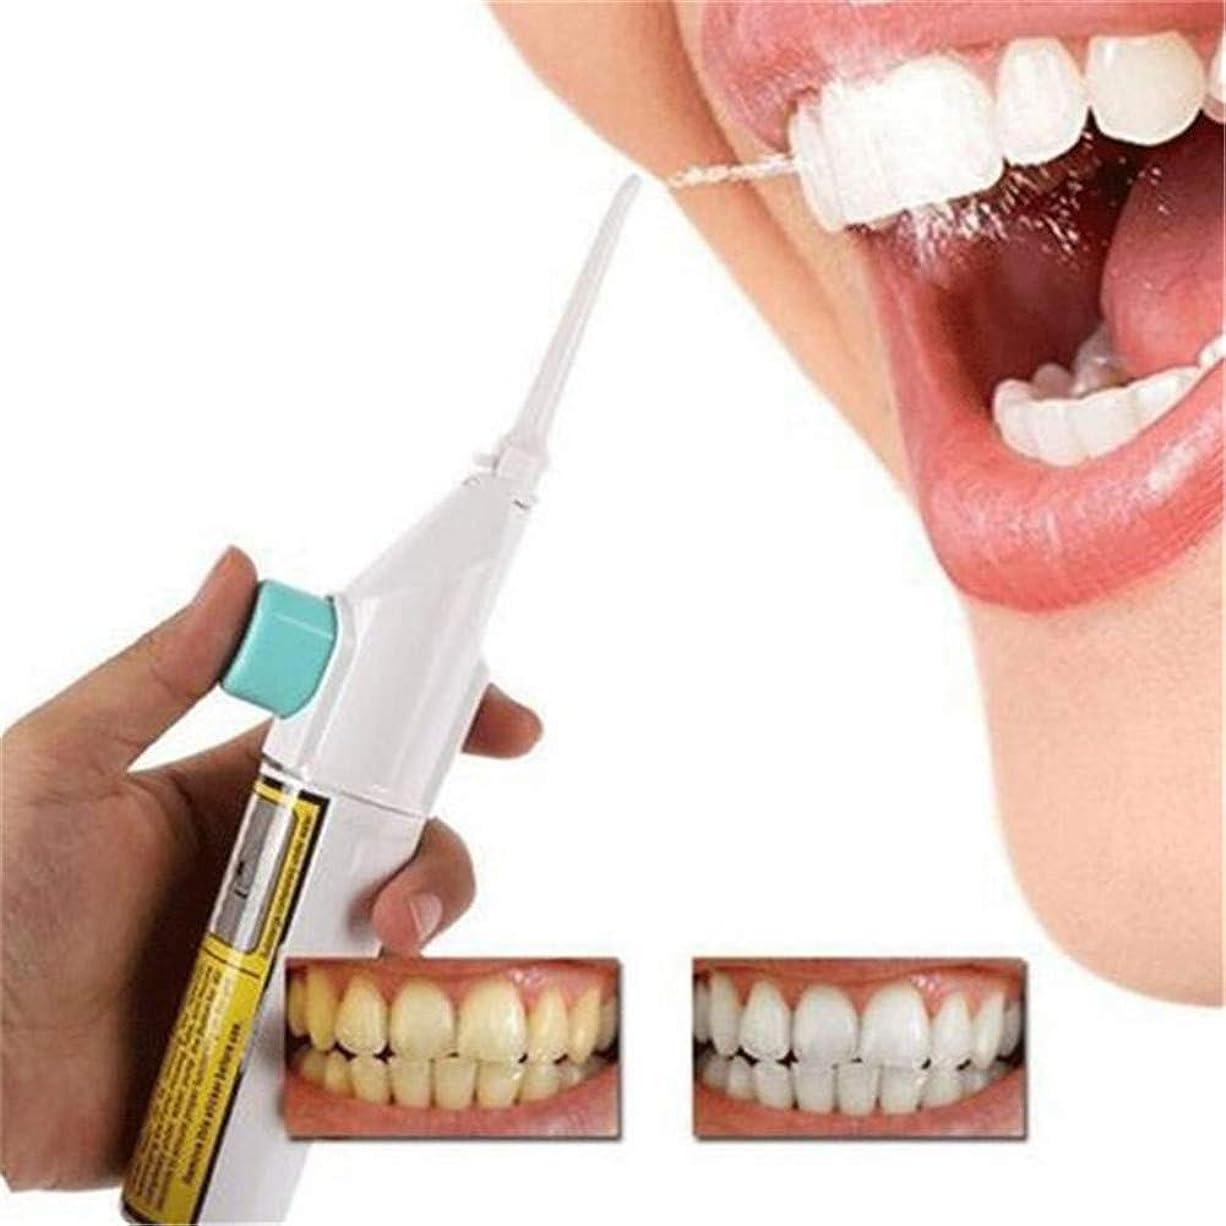 に沿ってジェット自由口頭洗浄器、家族旅行のために適したコードレス歯科フロスのジェット機を白くする携帯用電動歯の洗剤の歯